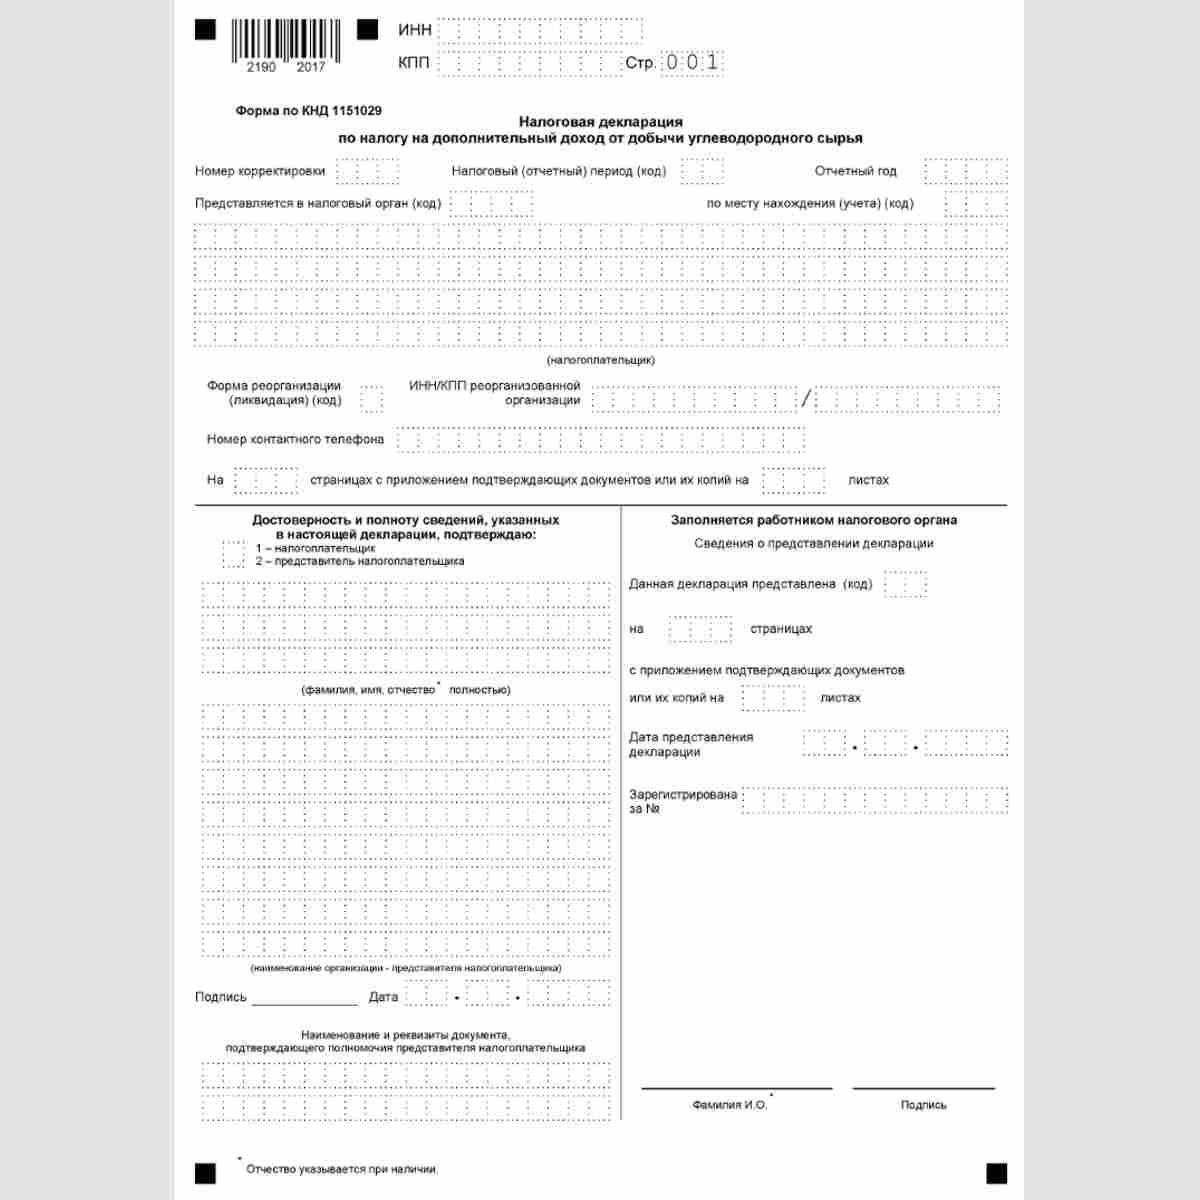 """Форма КНД 1151029 """"Налоговая декларация по налогу на дополнительный доход от добычи углеводородного сырья"""". Титульный лист"""